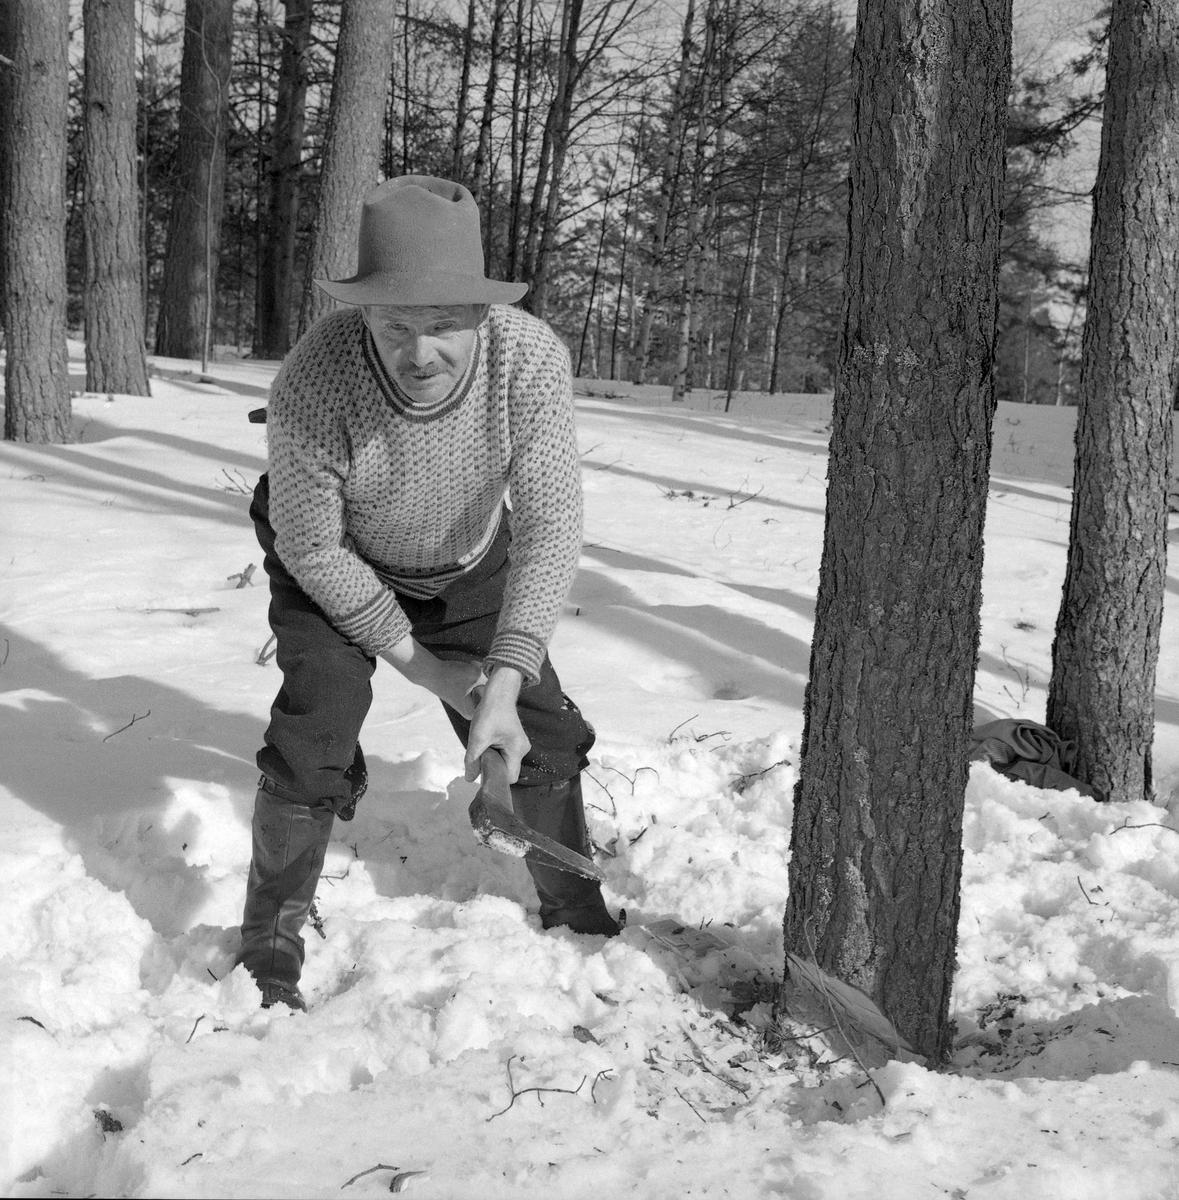 Skogsarbeideren Martinus Nordal (1890-1967) fra Elverum hogger ei furu med øks. Da dette fotografiet ble tatt hadde Nordal hogd et V-formet innsnitt i rotsona på treet. Snart skulle han bytte posisjon for å hogge et tilsvarende innsnitt fra motsatt side. Hogginga ble avsluttet da det bare sto igen en smal kan mellom de to skårene. Den knakk når Nordal skjøv treet i ønsket fallretning. Hogsten ble utført med ei forholdsvis smalbladet, tung øks. Nordal arbeidet i vadmelsbukser og ullgenser (islender). På hodet hadde han en filthatt der bremmen antakelig skulle skjerme nakkepartiet for snødryss eller vann fra trekronene. Nordal arbeidet uten votter. Leggene og anklene var beskyttet av snøsokker av lær. Fotografiet er tatt i forbindelse med opptakene til dokumentarfilmen «Liv og husvær i skogen».  Litt biografisk informasjon om Martinus Nordal finnes under fanen «Opplysninger».